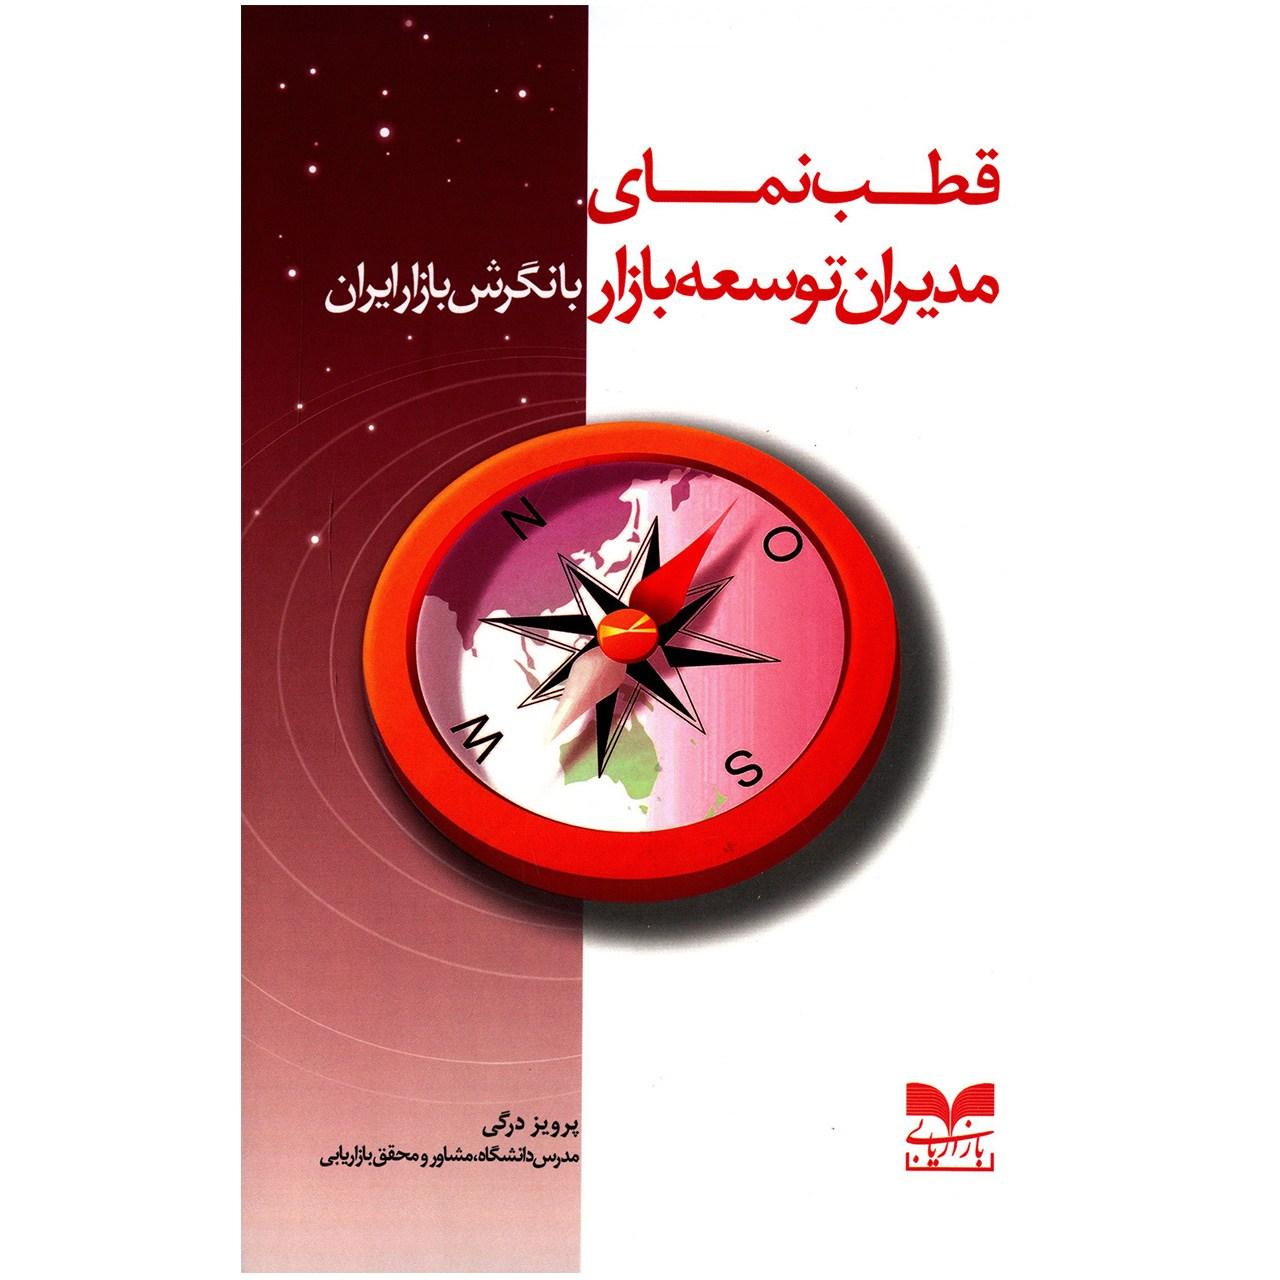 کتاب قطب نمای مدیران توسعه بازار با نگرش بازار ایران اثر پرویز درگی